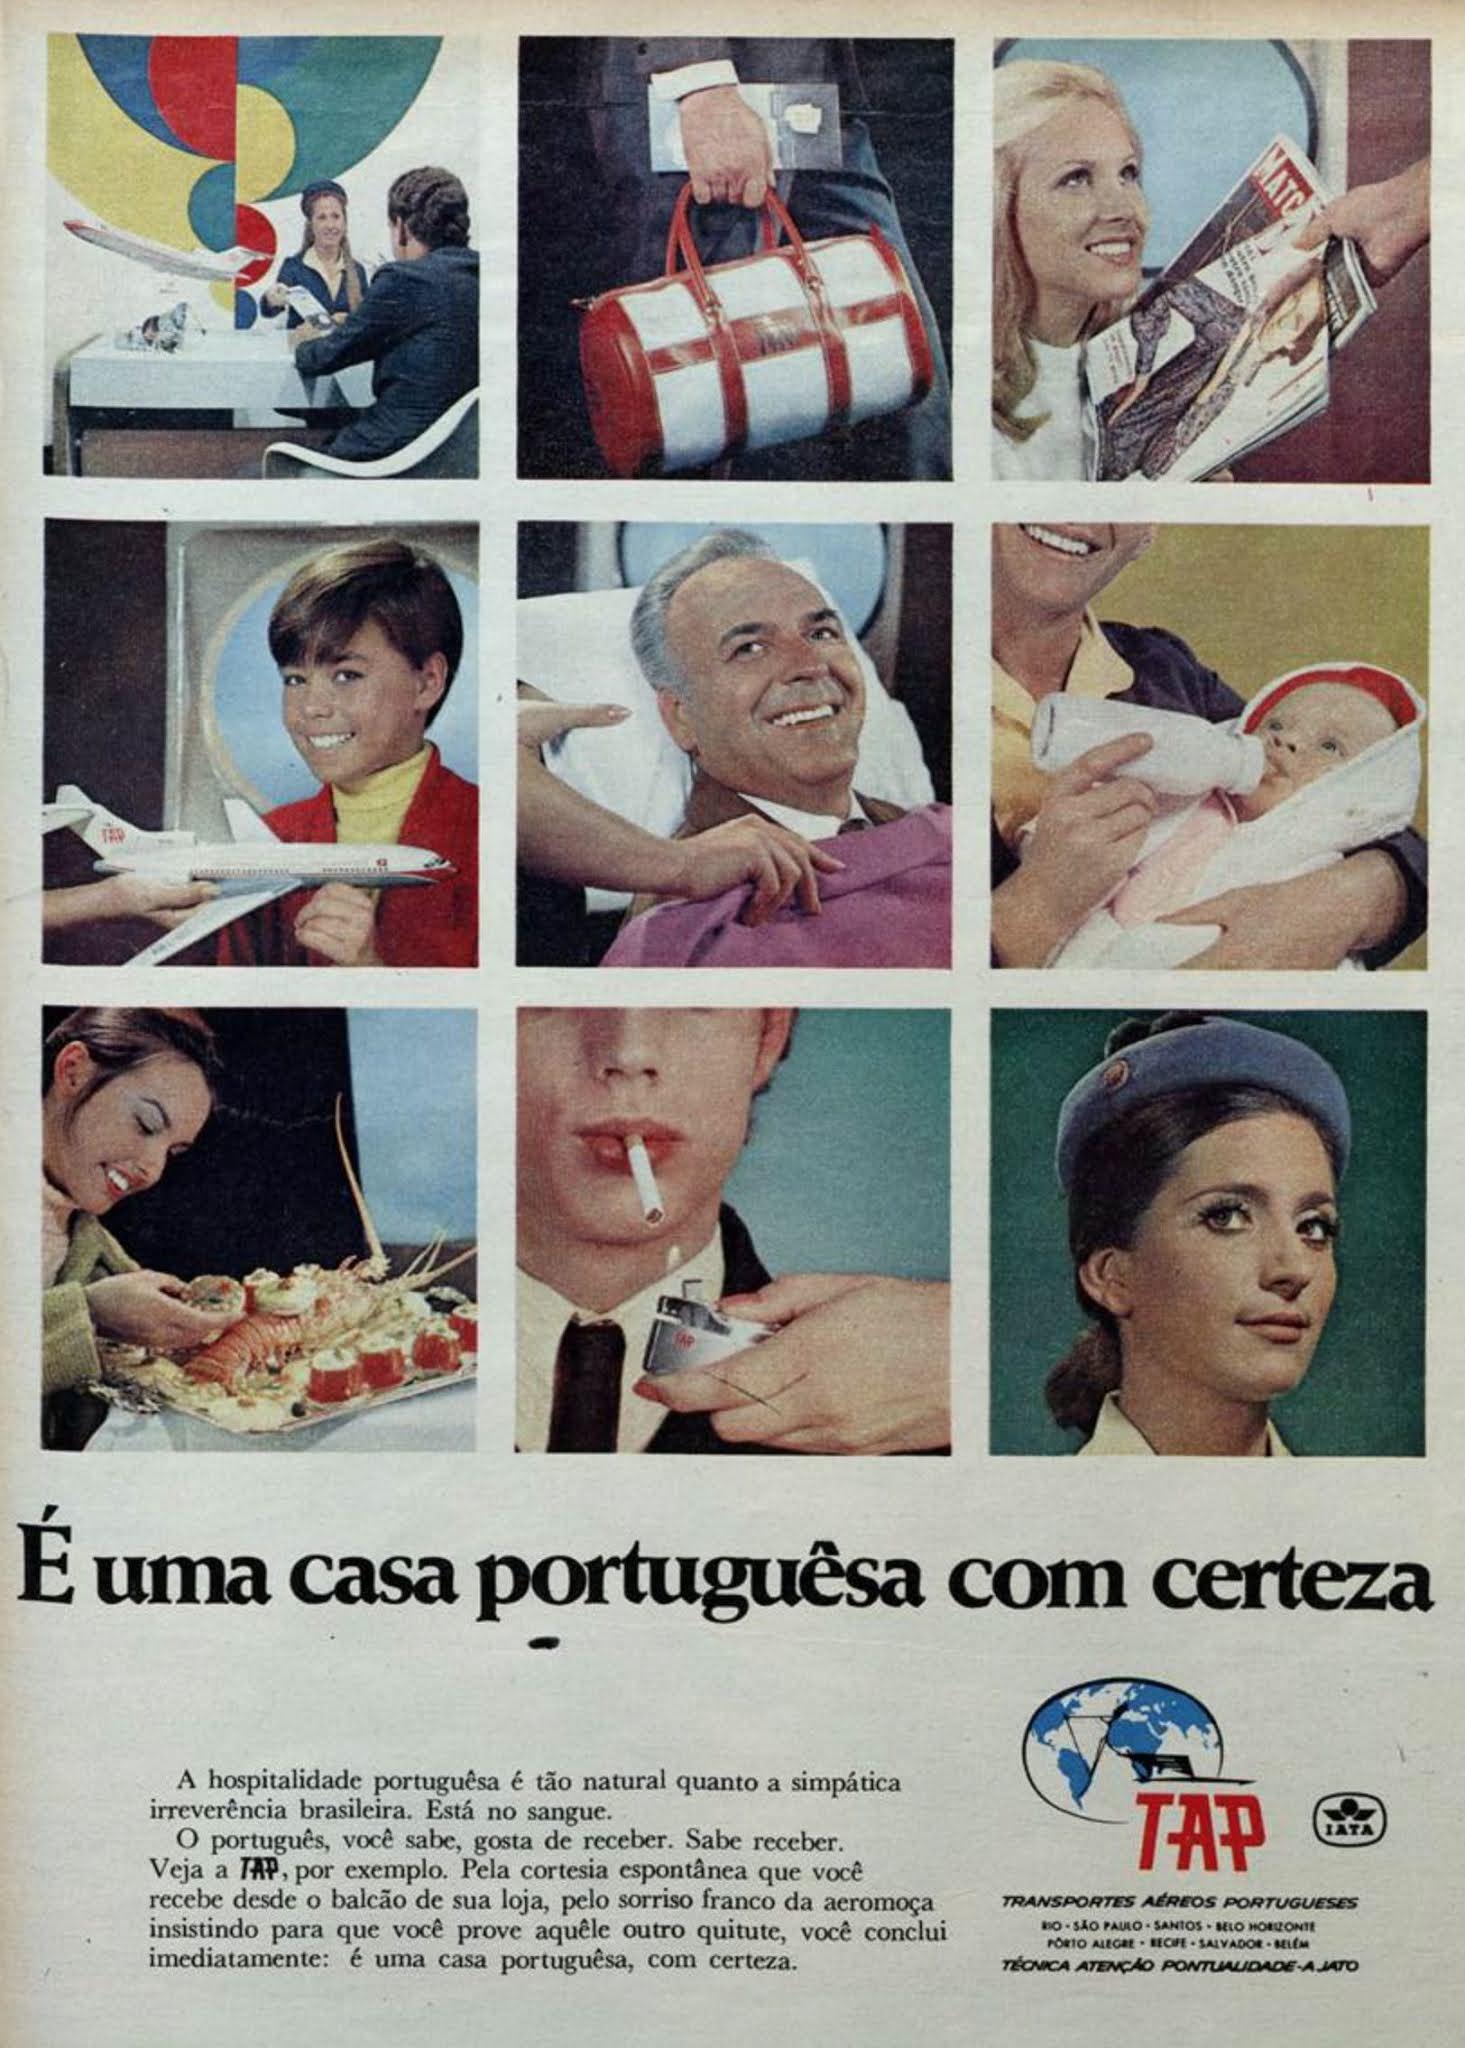 Anúncio de 1969 da companhia aérea portuguesa TAP